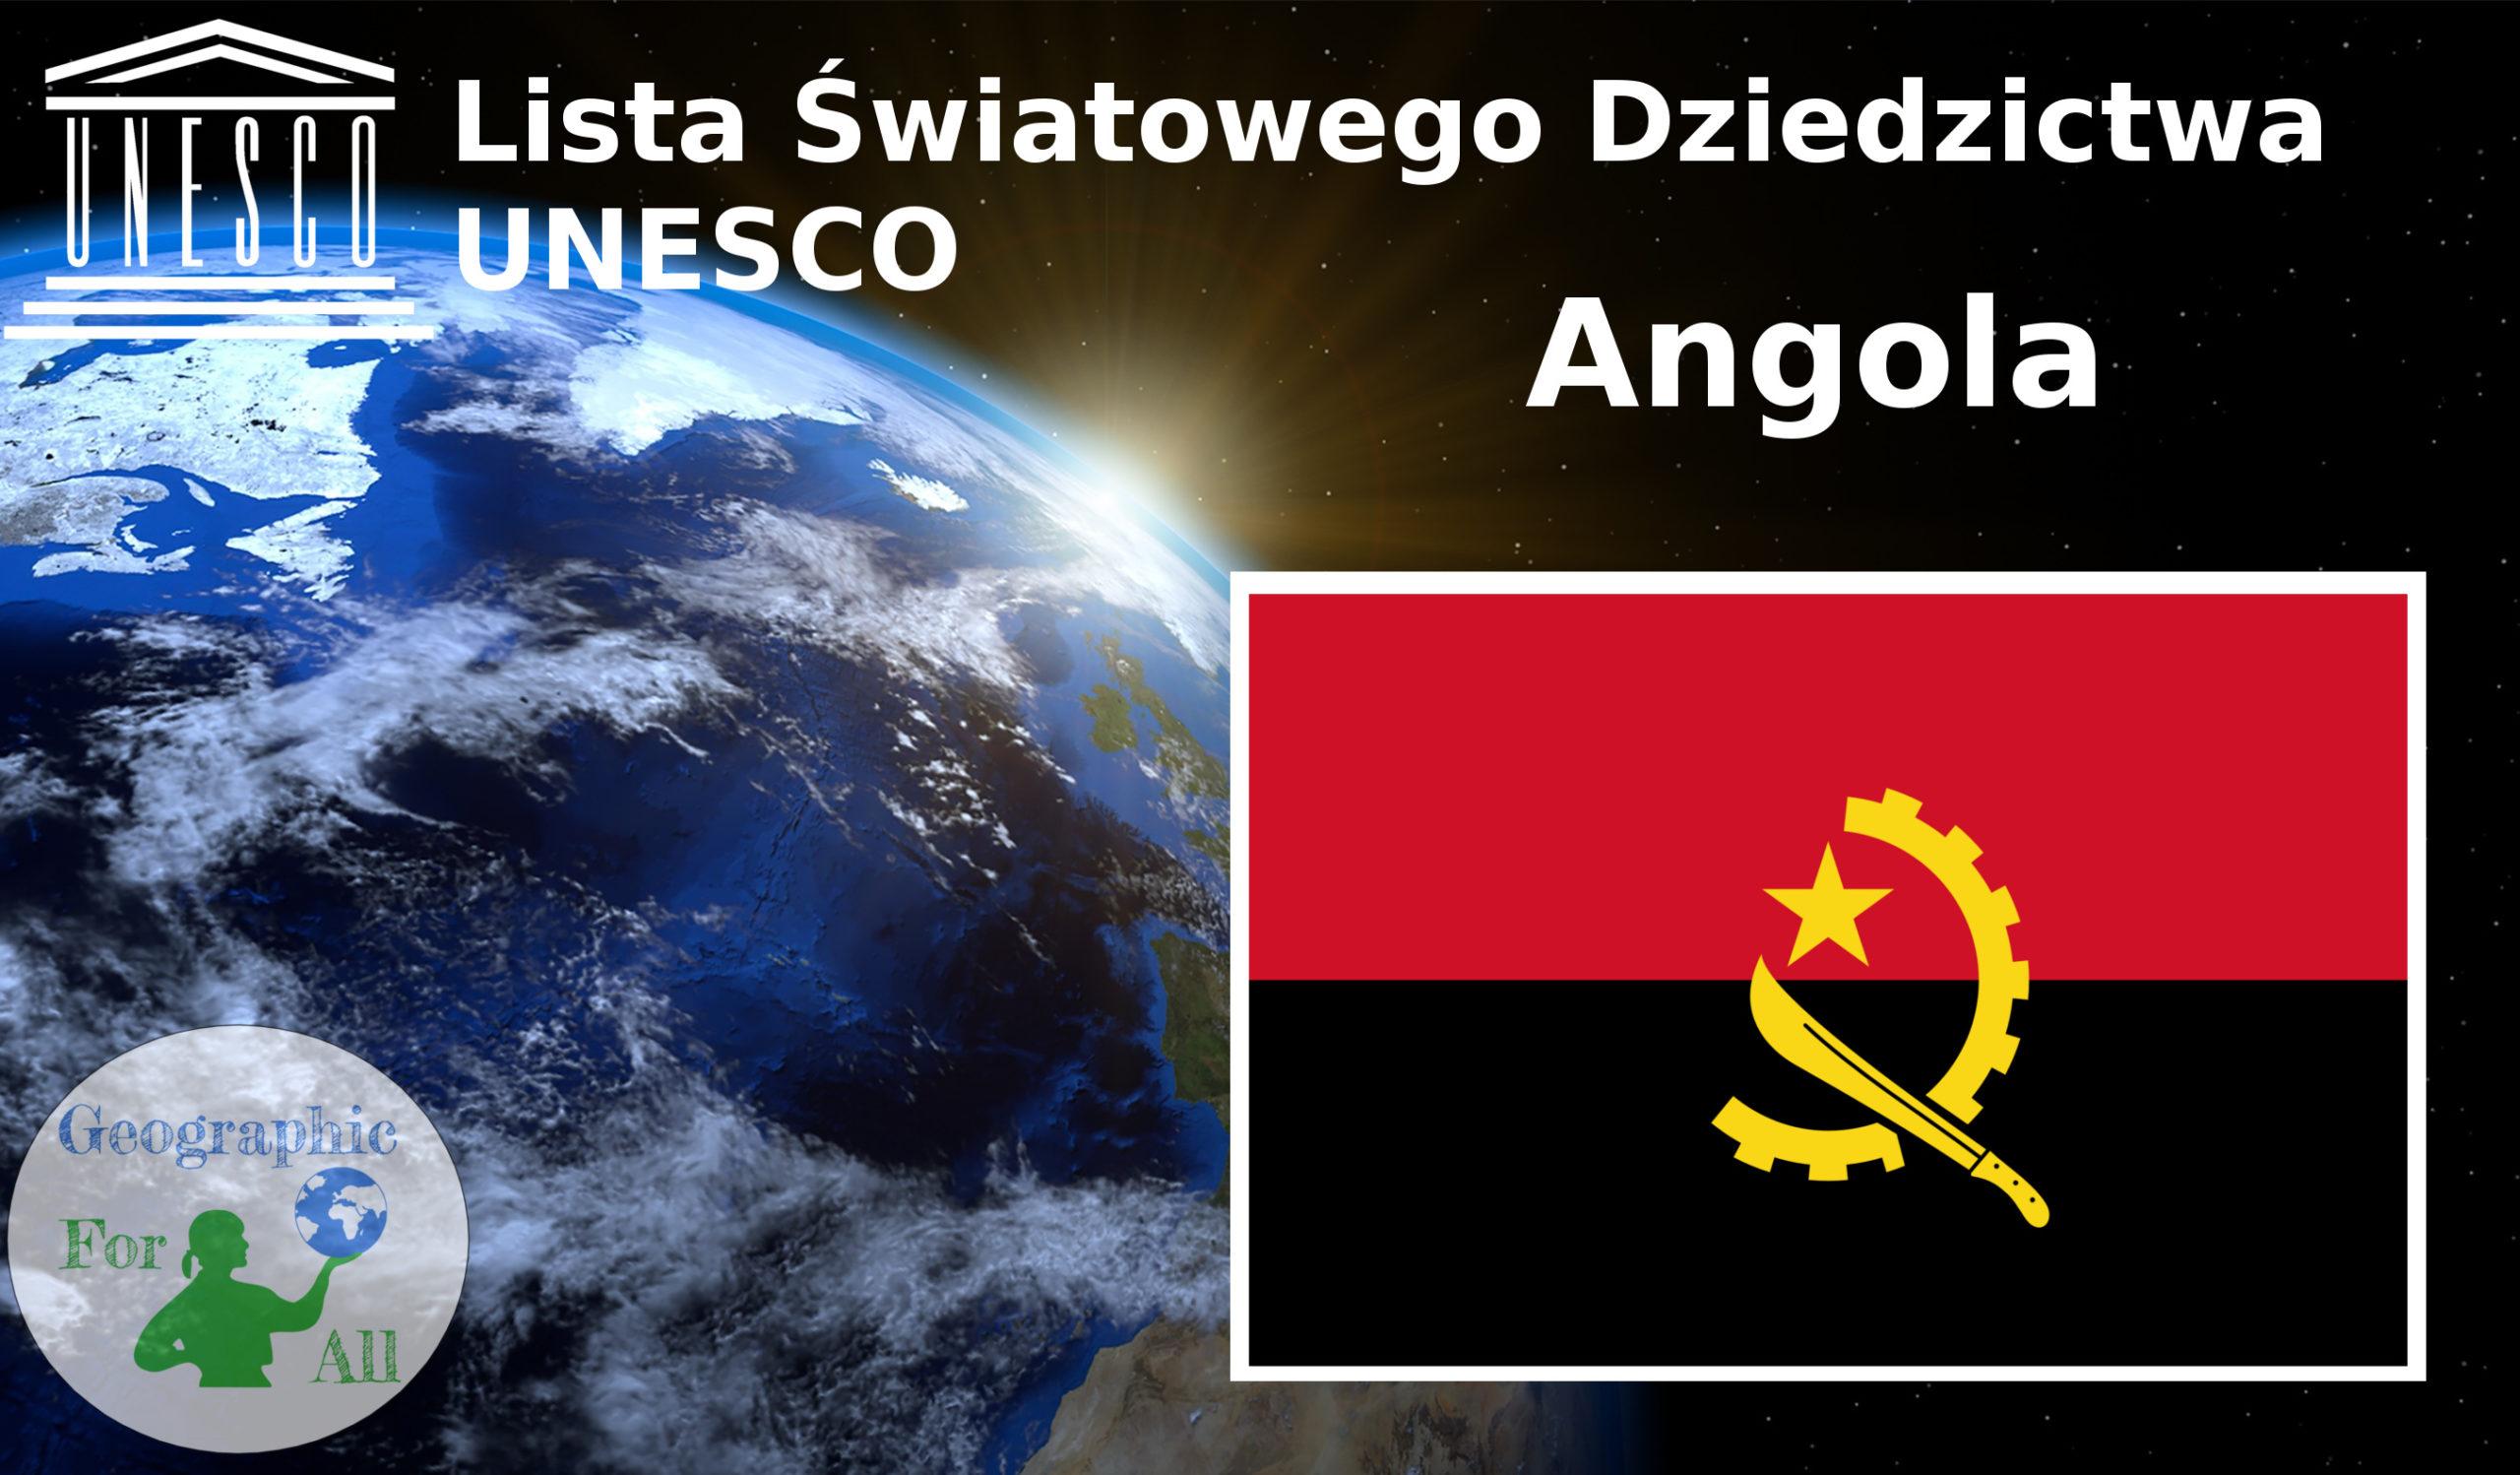 Lista Światowego Dziedzictwa UNESCO Angola